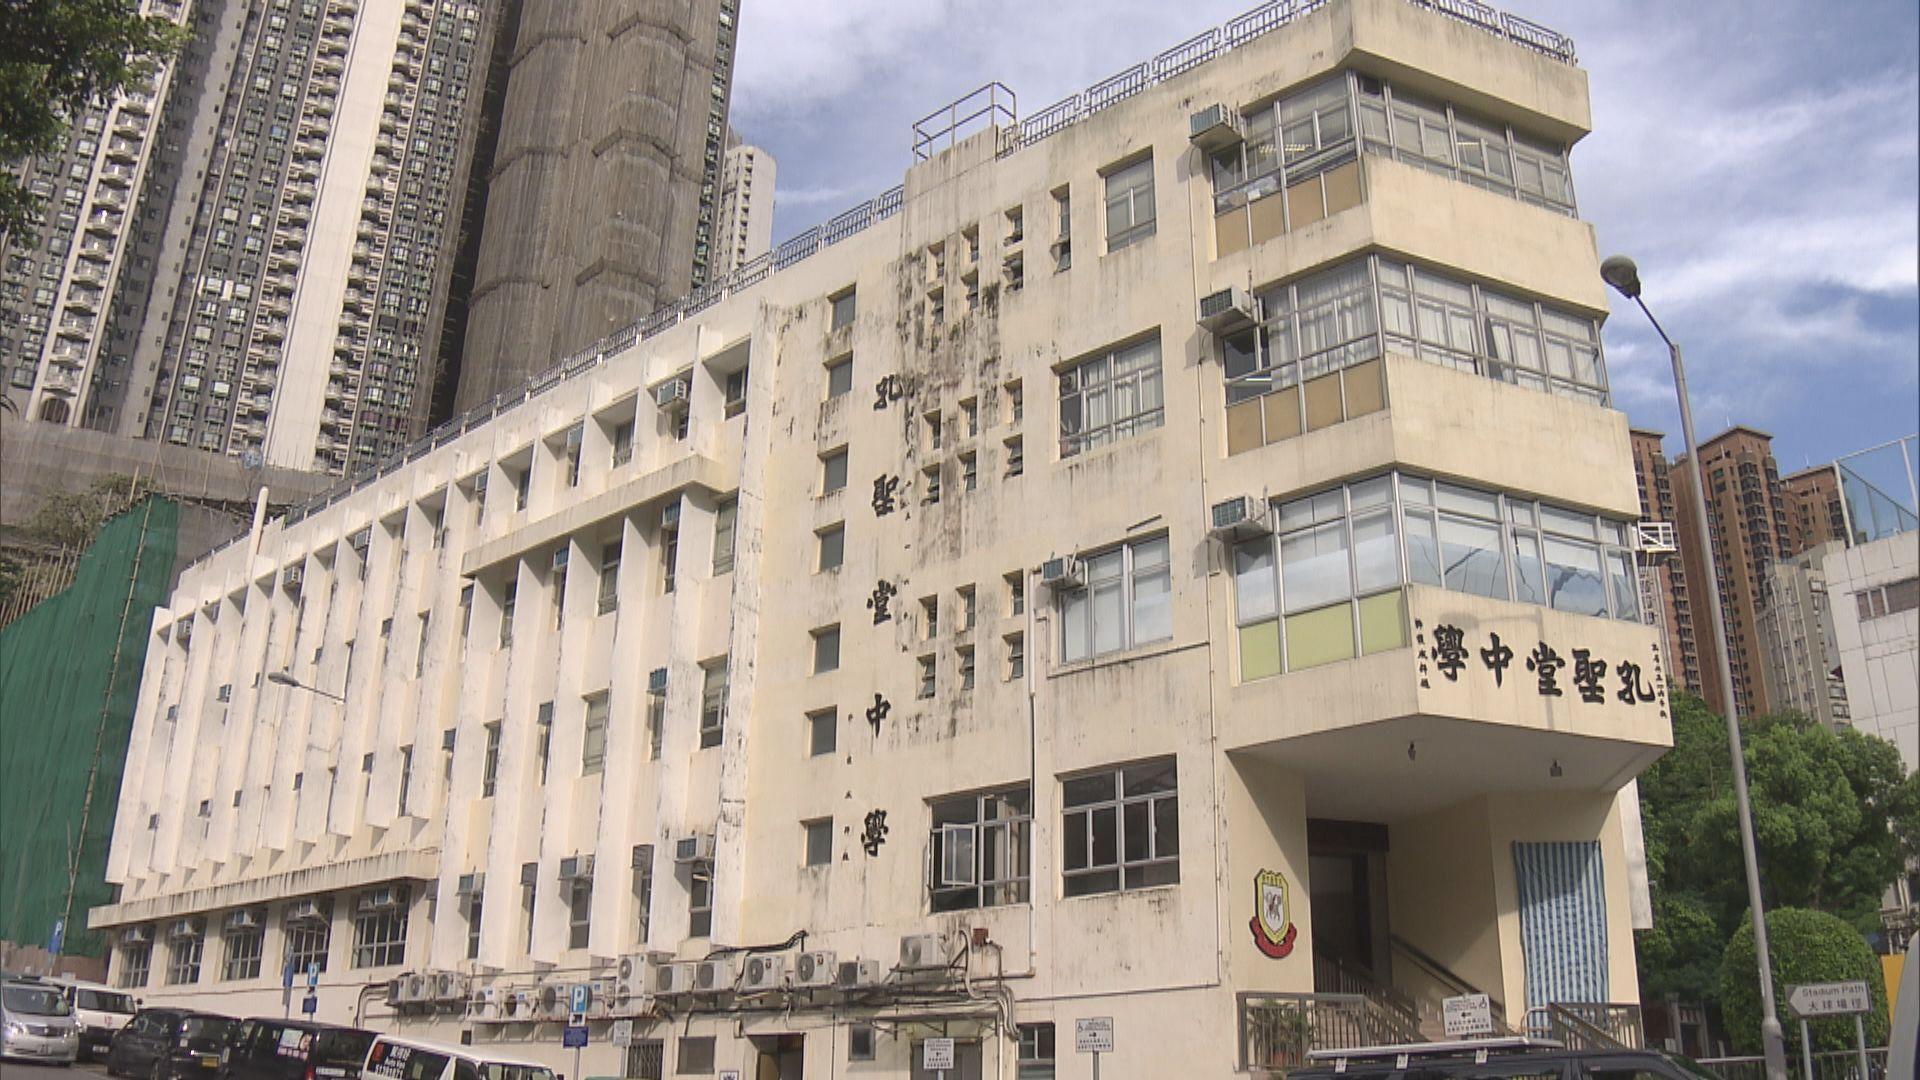 孔聖堂中學被指違規借出部分課室 校方已終止租用安排